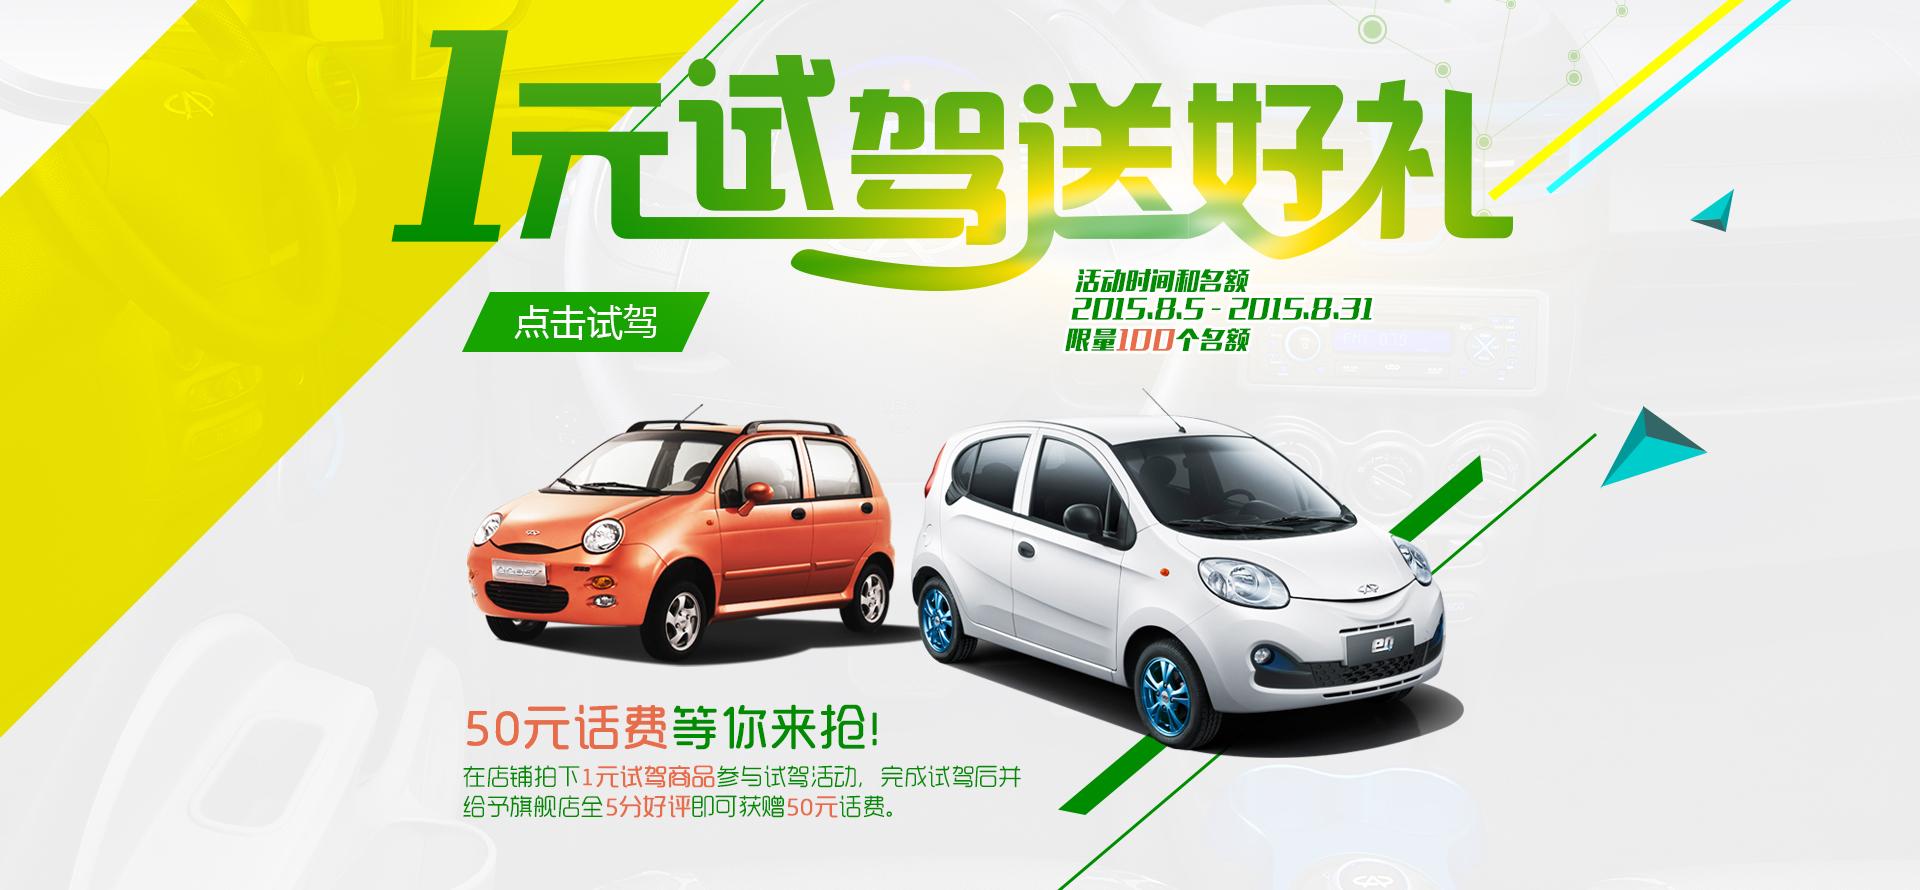 【奇瑞新能源汽车官方旗舰店】-网上选购奇瑞新能源